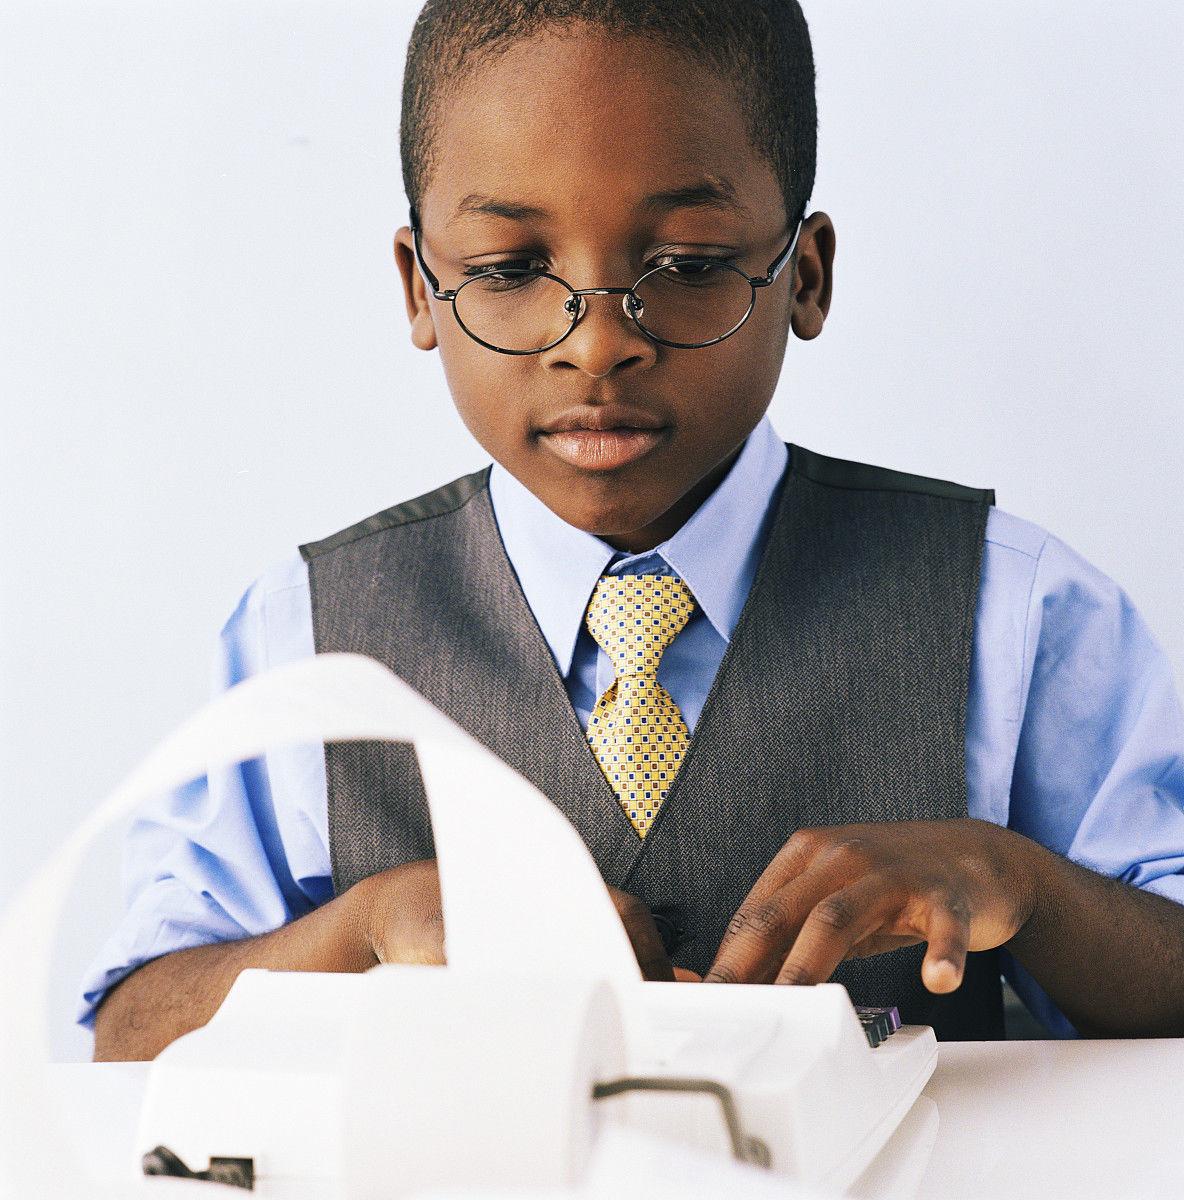 商务人士,男商人,马甲,发型,寸头,收银条,坐,黑色人种,非洲人,儿童,仅图片